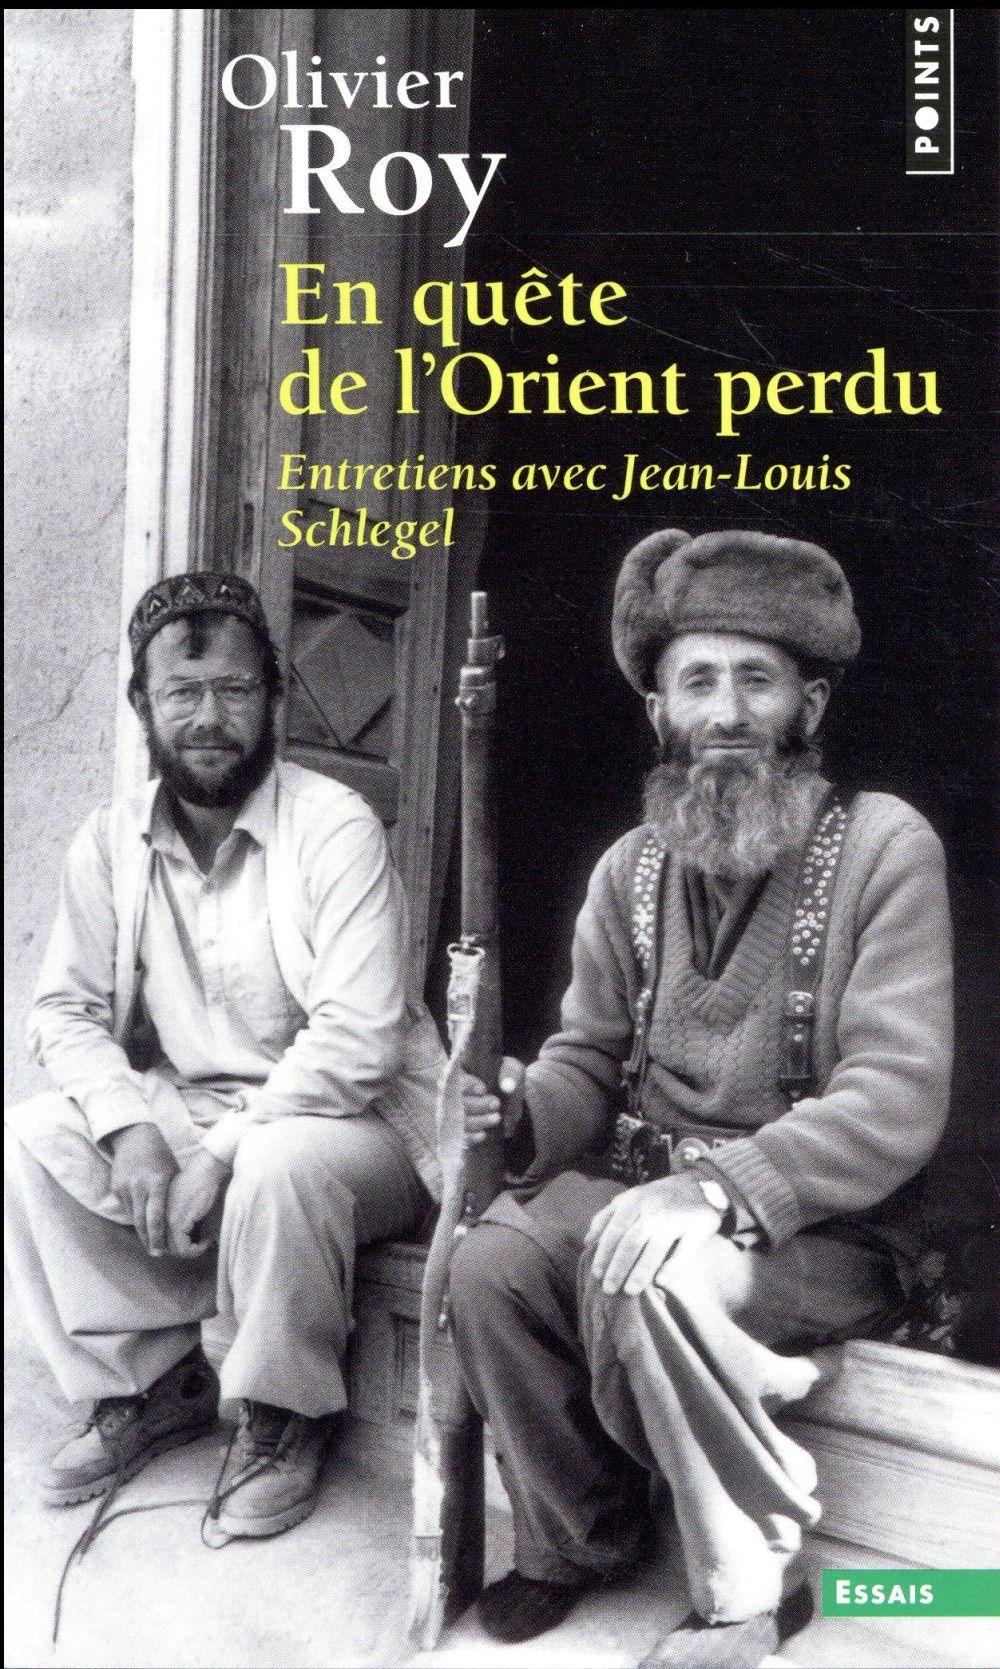 EN QUETE DE L'ORIENT PERDU - ENTRETIENS AVEC JEAN-LOUIS SCHLEGEL